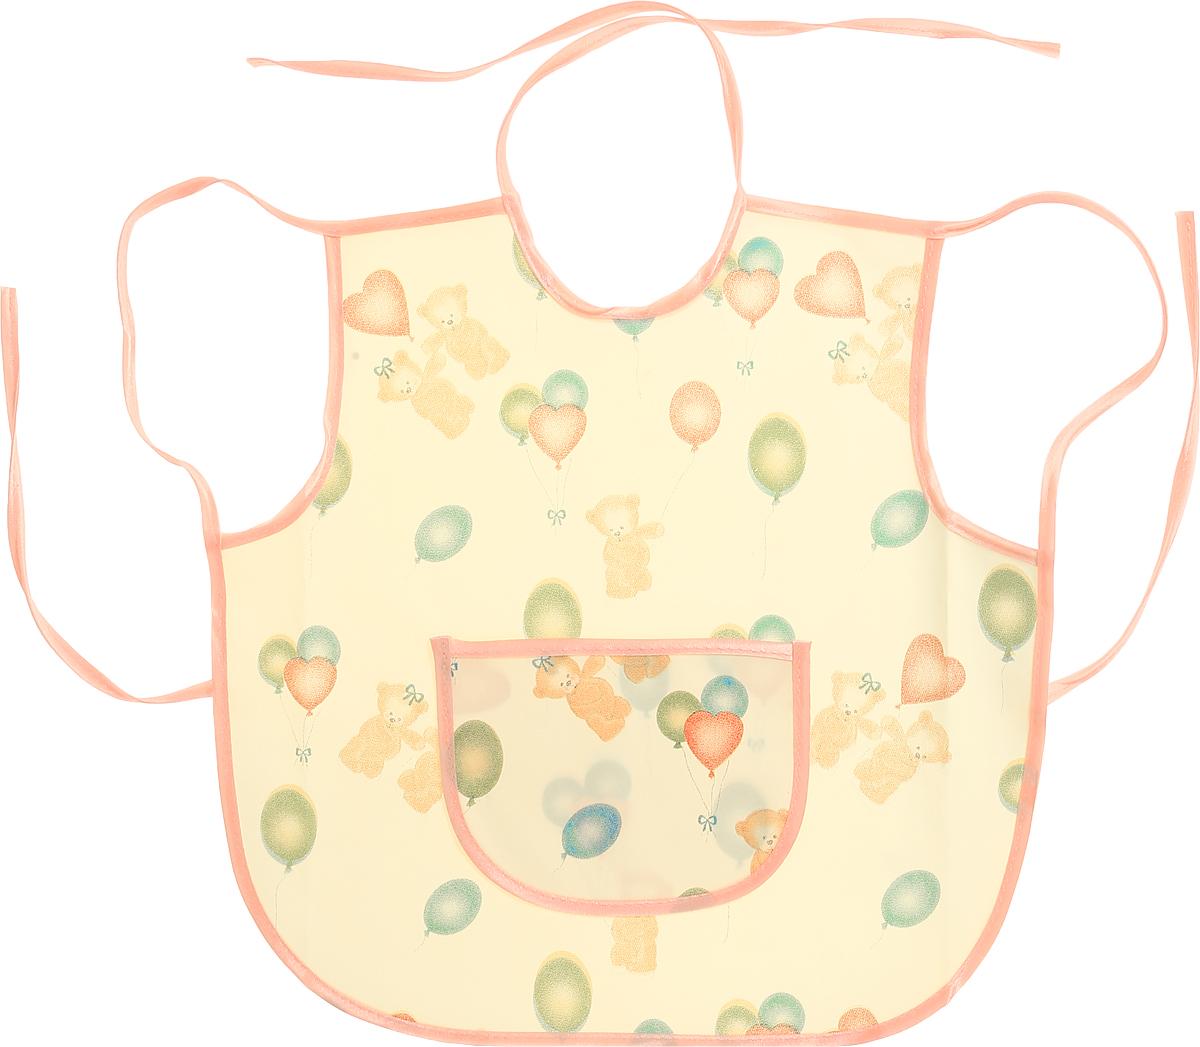 Колорит Фартук защитный Мишки с шариками цвет желтый розовый 36 х 36 см0071_желтый, розовыйФартук Колорит Мишки с шариками с непромокаемым слоем защитит одежду малыша во время кормления и освободит родителей от дополнительных хлопот.Фартук на завязках - выбор практичных мамочек. Пользоваться им можно более длительное время. Пока ваш малыш растет, благодаря завязкам вы сможете легко контролировать длину изделия и регулировать размер горловины. Фартук изготовлен из клеенки подкладной с ПВХ покрытием и дополнен широким карманом. Лицевая сторона оформлена забавным изображением.Материал: клеенка, ПВХ.